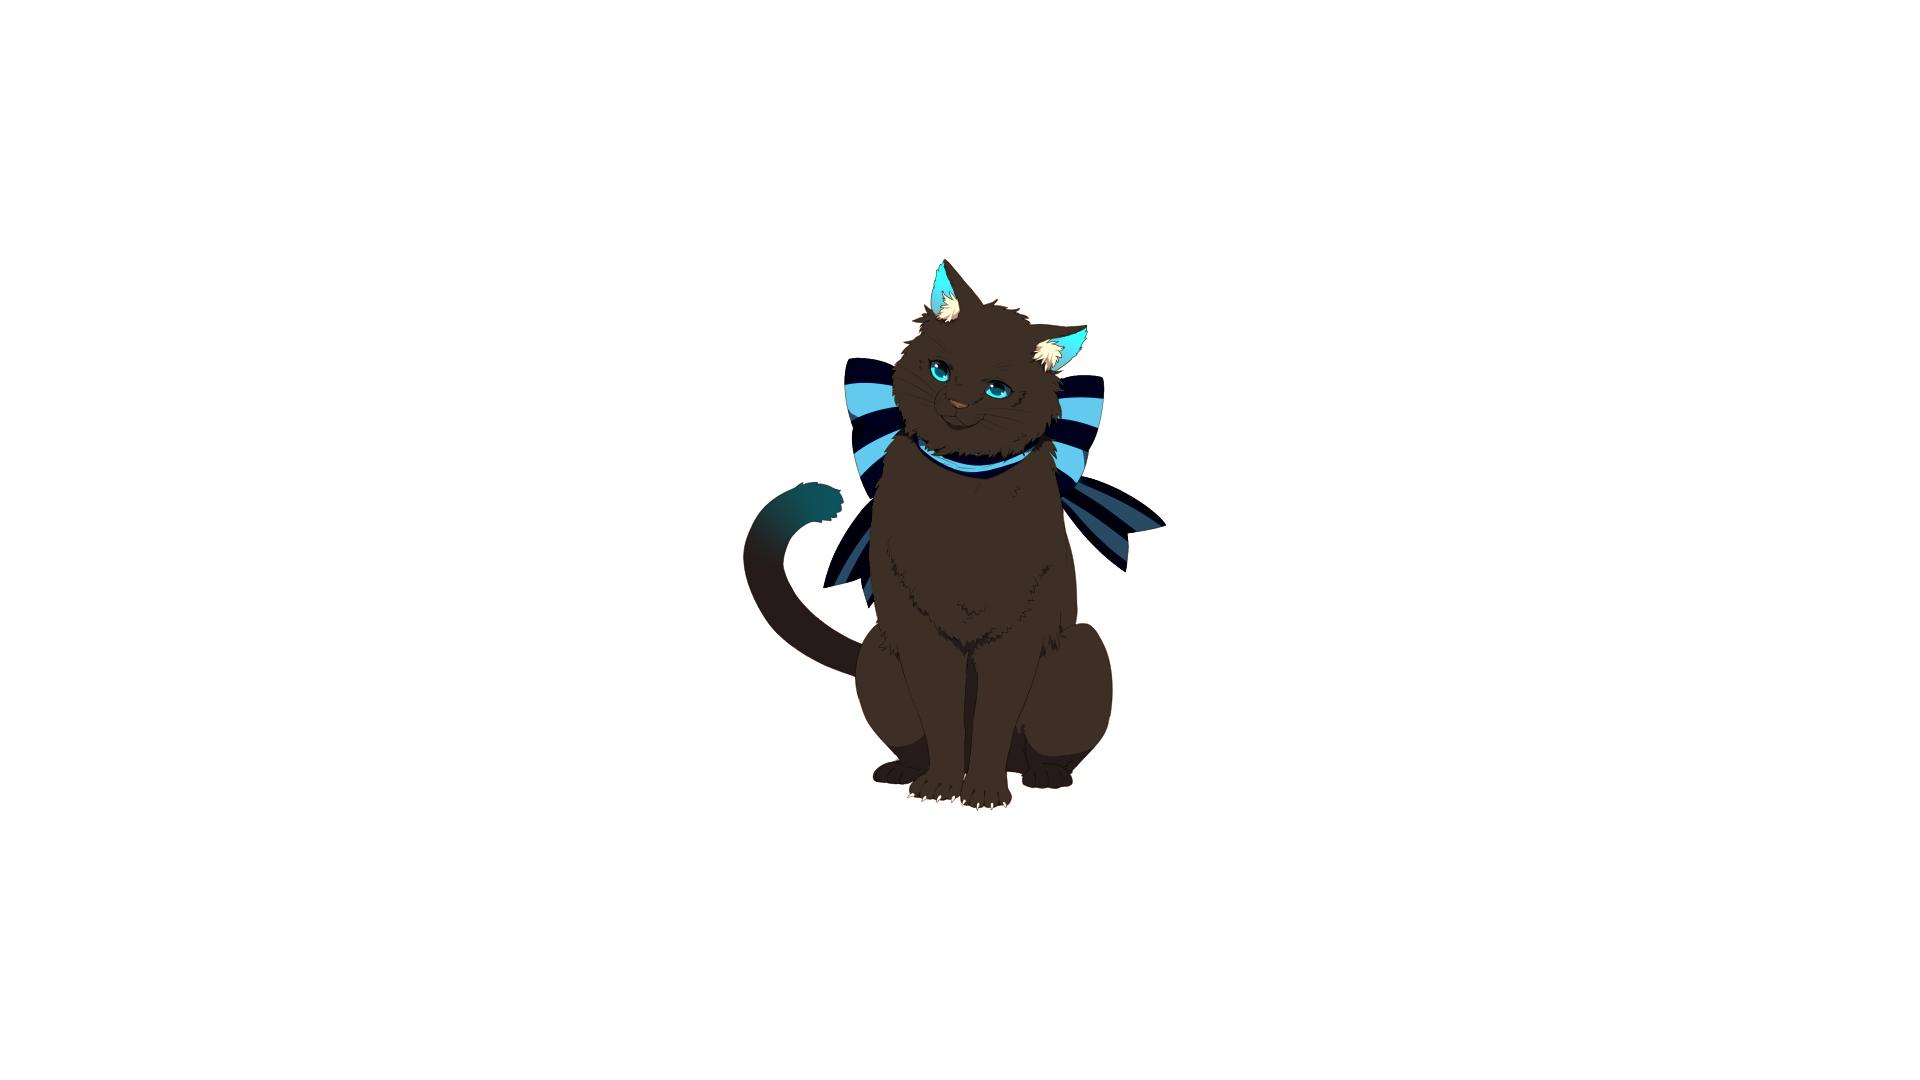 Cat 1920x1080